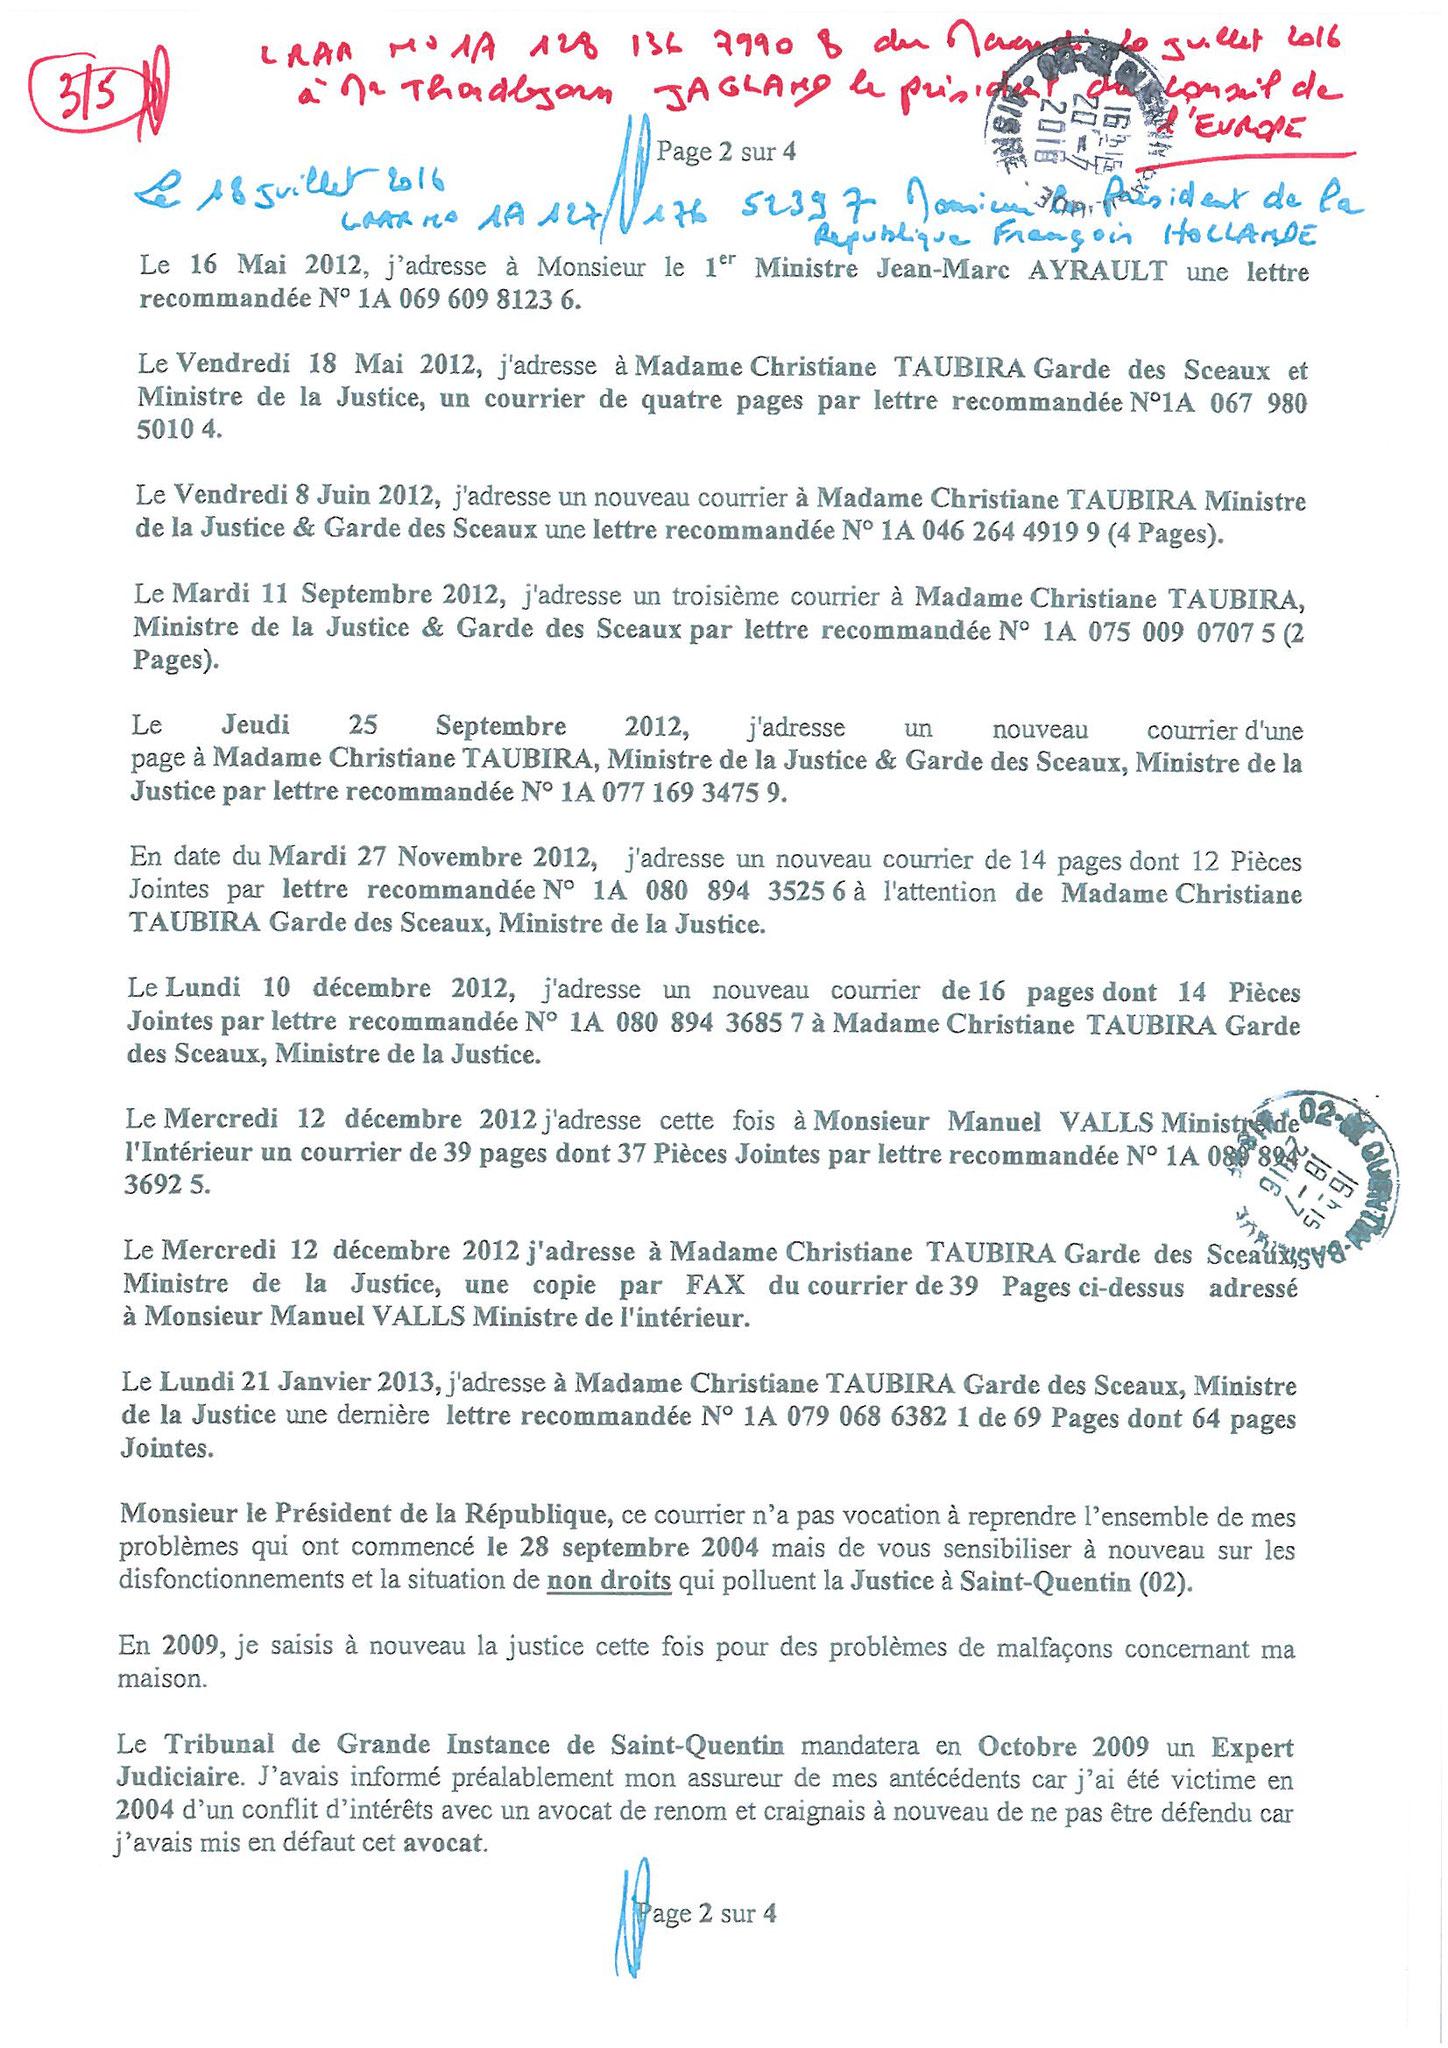 LRAR du 20 Juillet 2016 à Monsieur Thordjorn JAGLAND le Secrétaire Général du Conseil de l'Europe page 3 sur 5